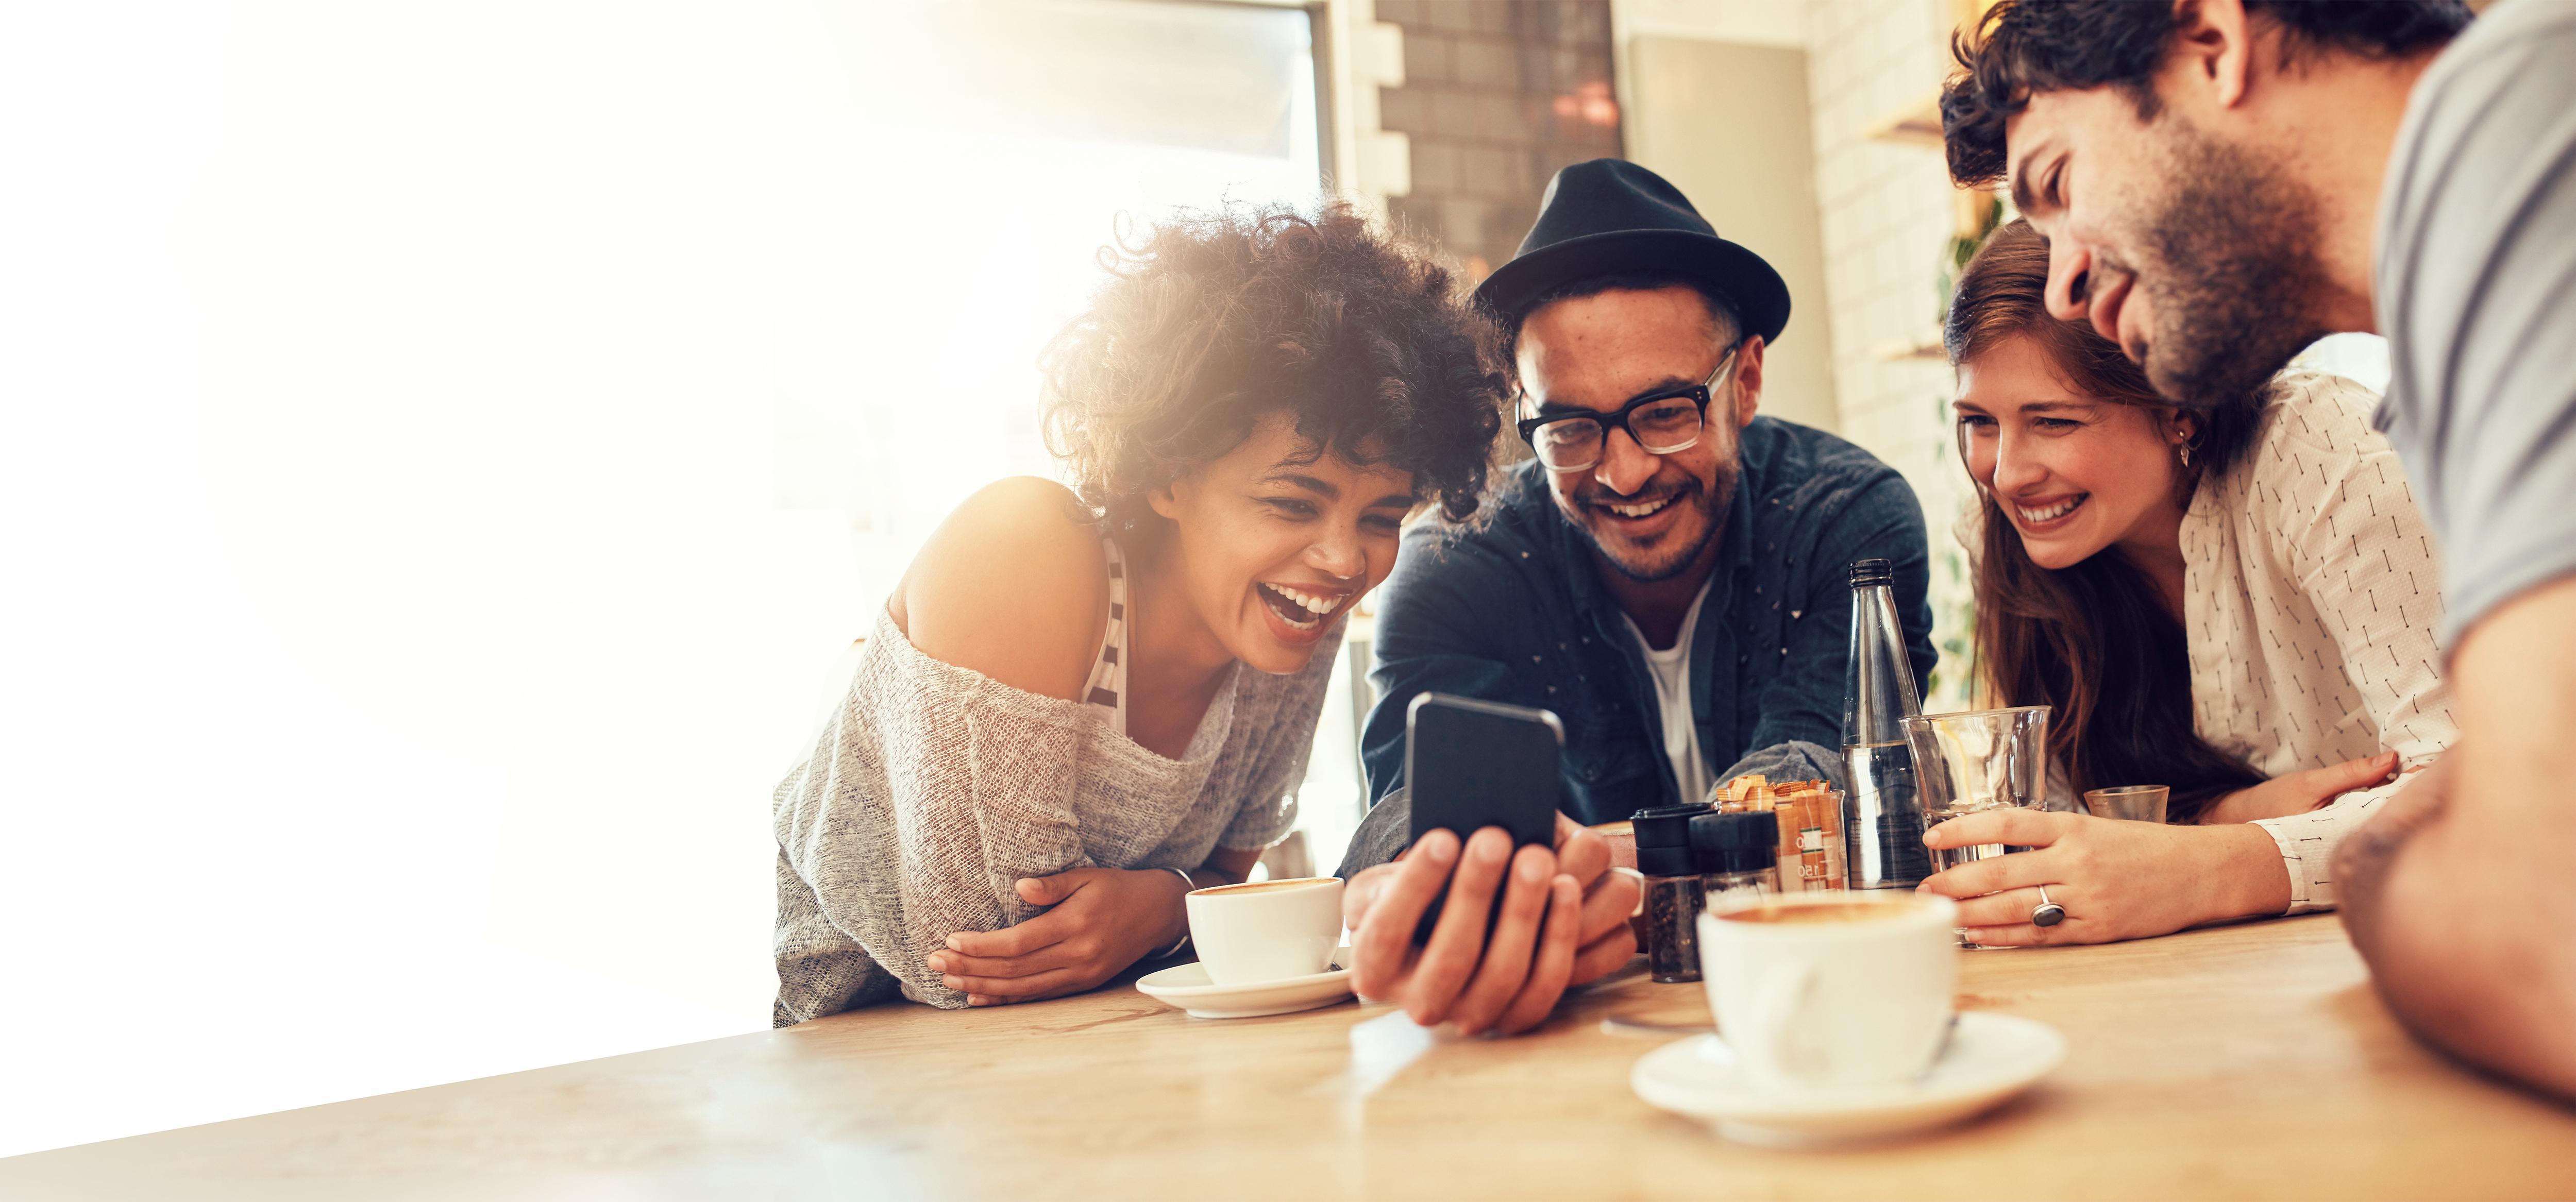 Gruppe junger Menschen am Tisch mit Handy